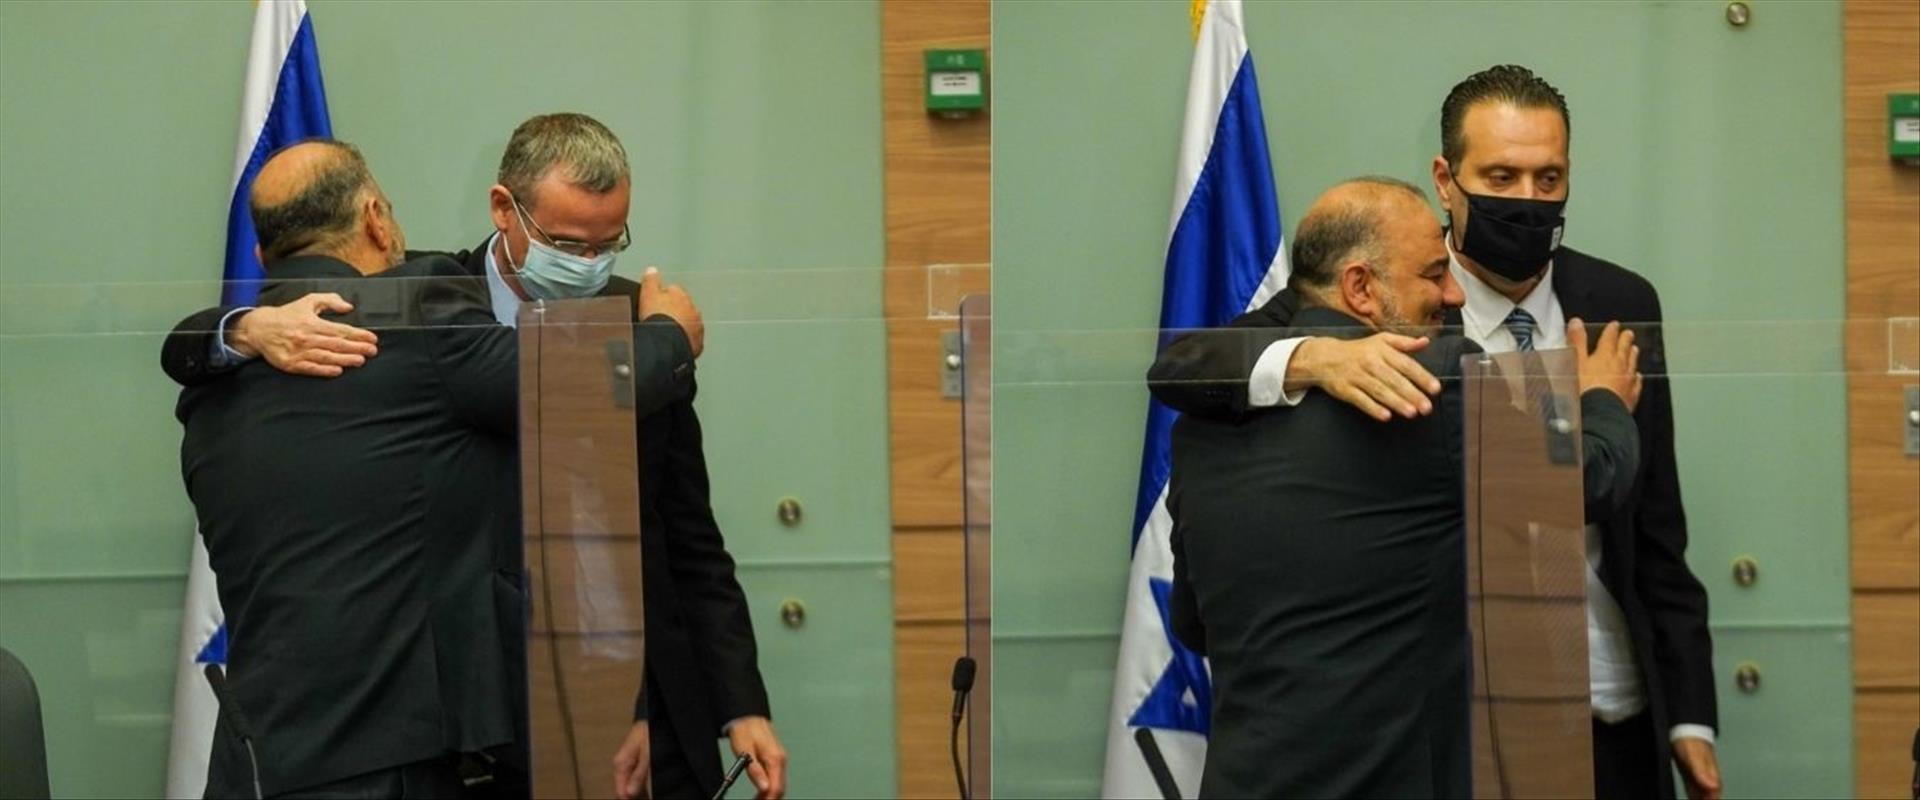 """עבאס מתחבק עם זוהר ולוין אחרי בחירתו ליו""""ר הוועדה"""